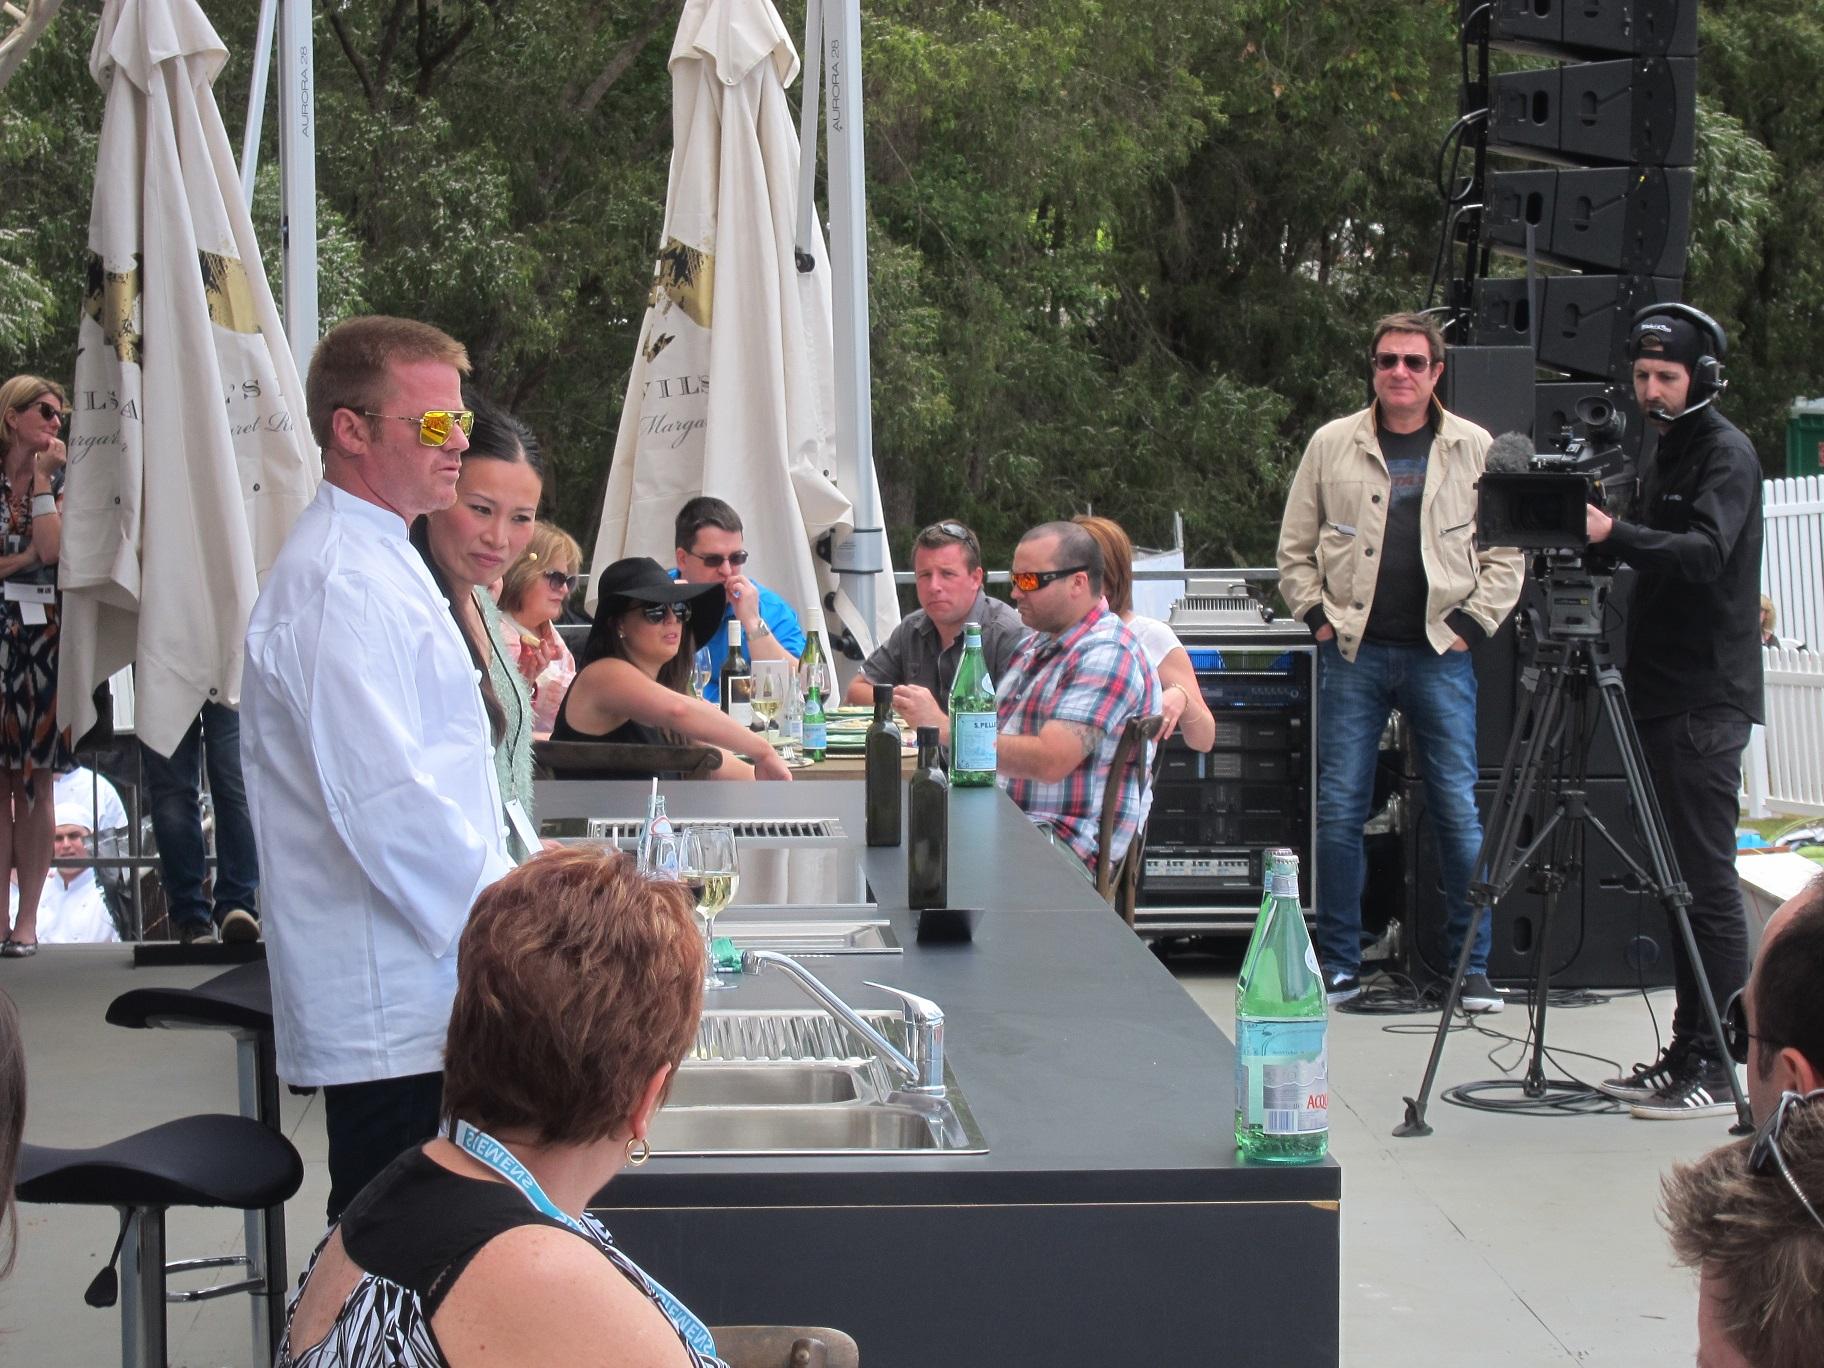 2014 Margaret River Gourmet Escape lineup announced